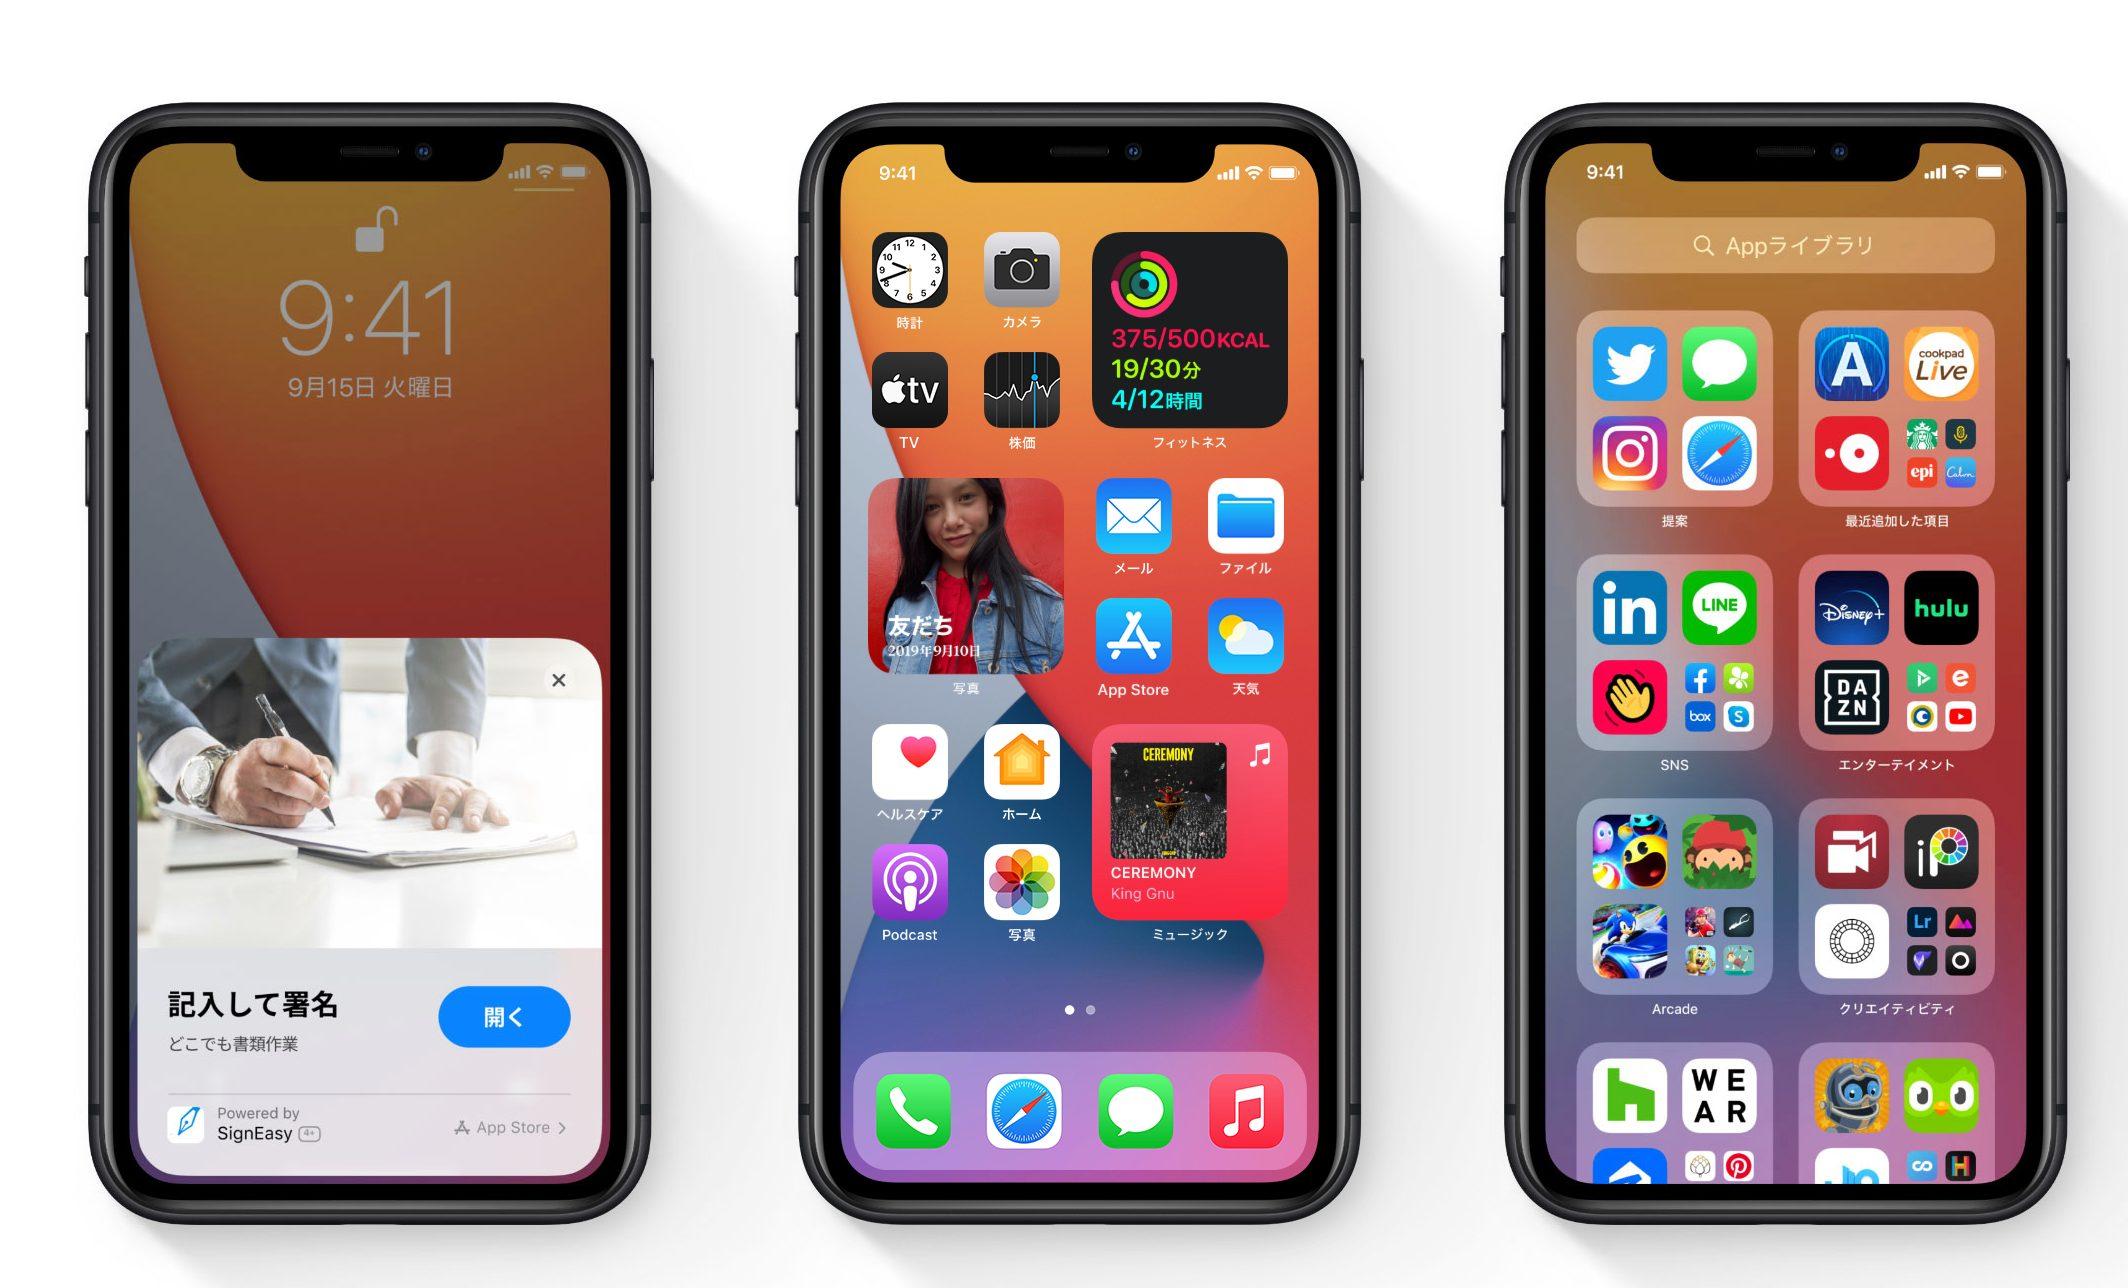 iOS14のカスタマイズ